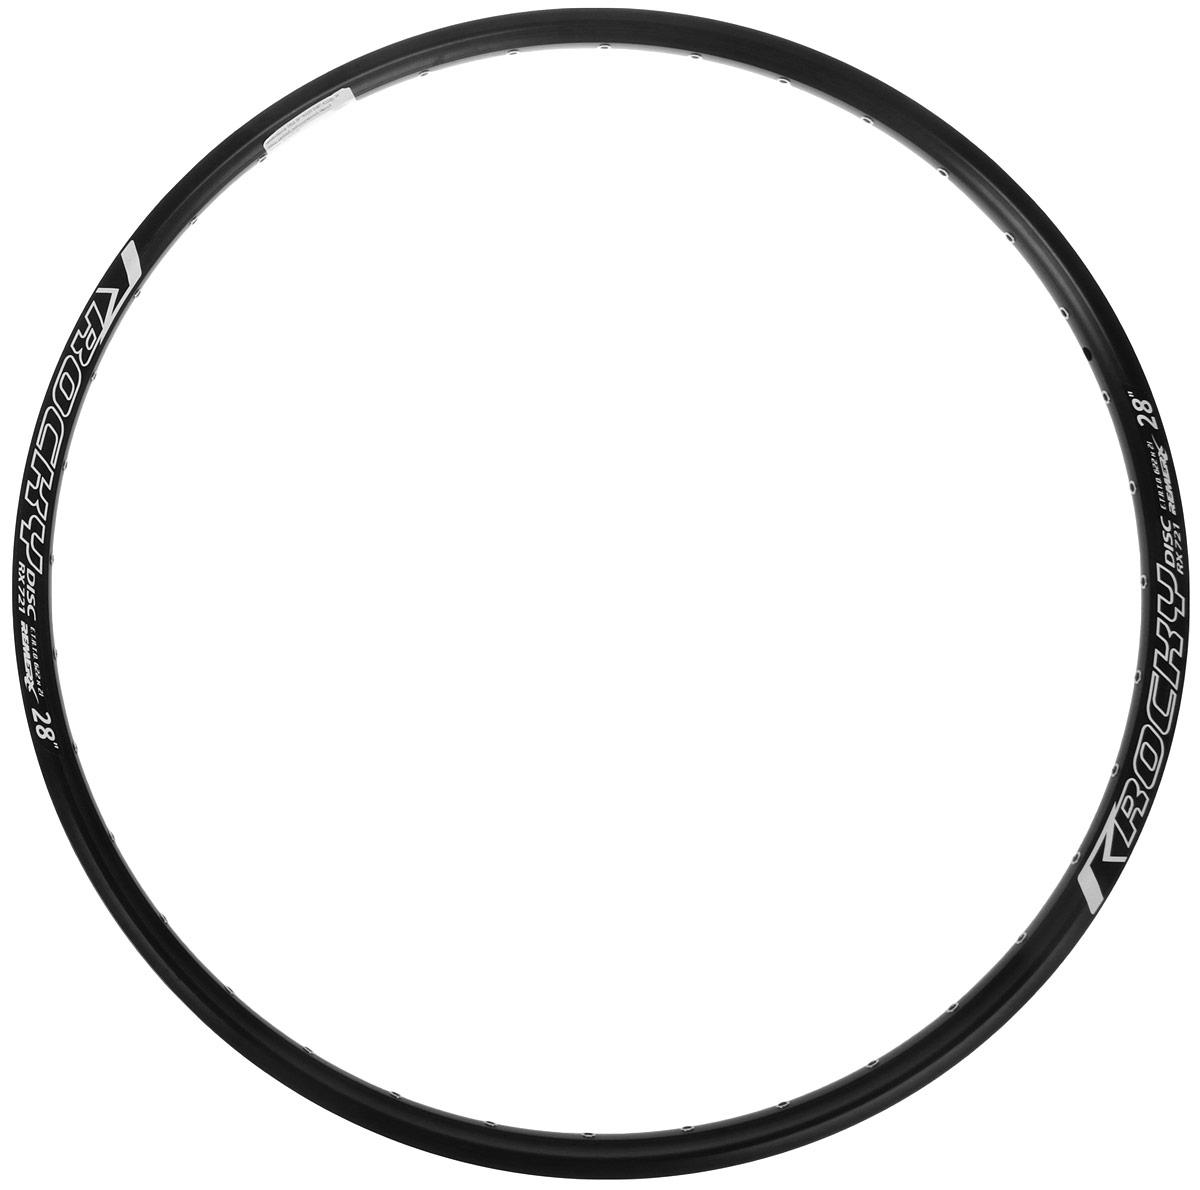 Обод Remerx, 28, GRAND ROCK, 622x19, 36 спиц, двойной, с индикатором износа, цвет: черный. RD29b36-RD